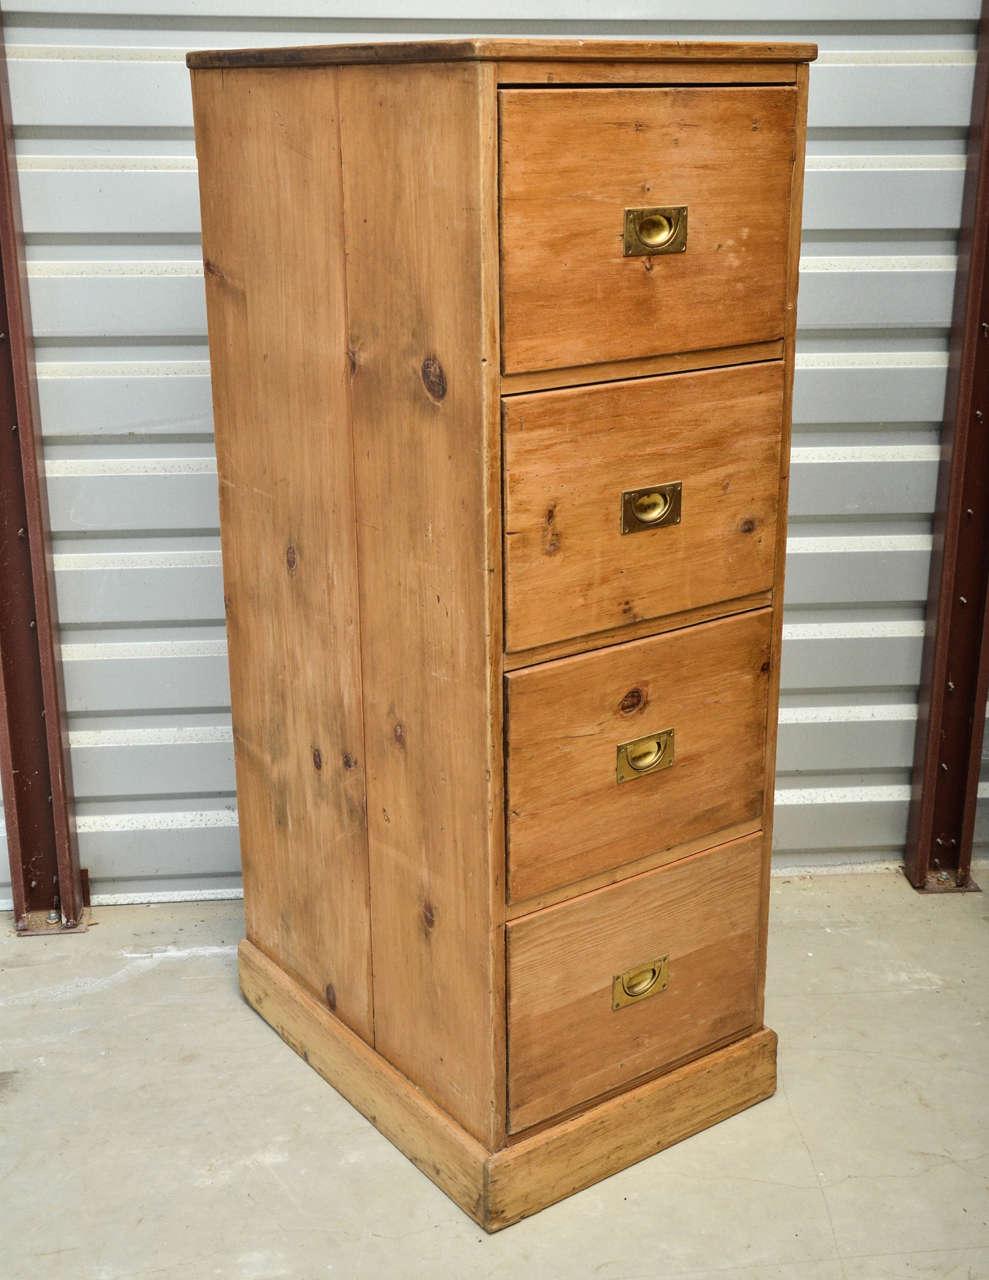 Antique Pine Filing Cabinet Furniture - Antique Pine Filing Cabinet - Best  2000+ Antique Decor - Antique Pine Filing Cabinet Antique Furniture